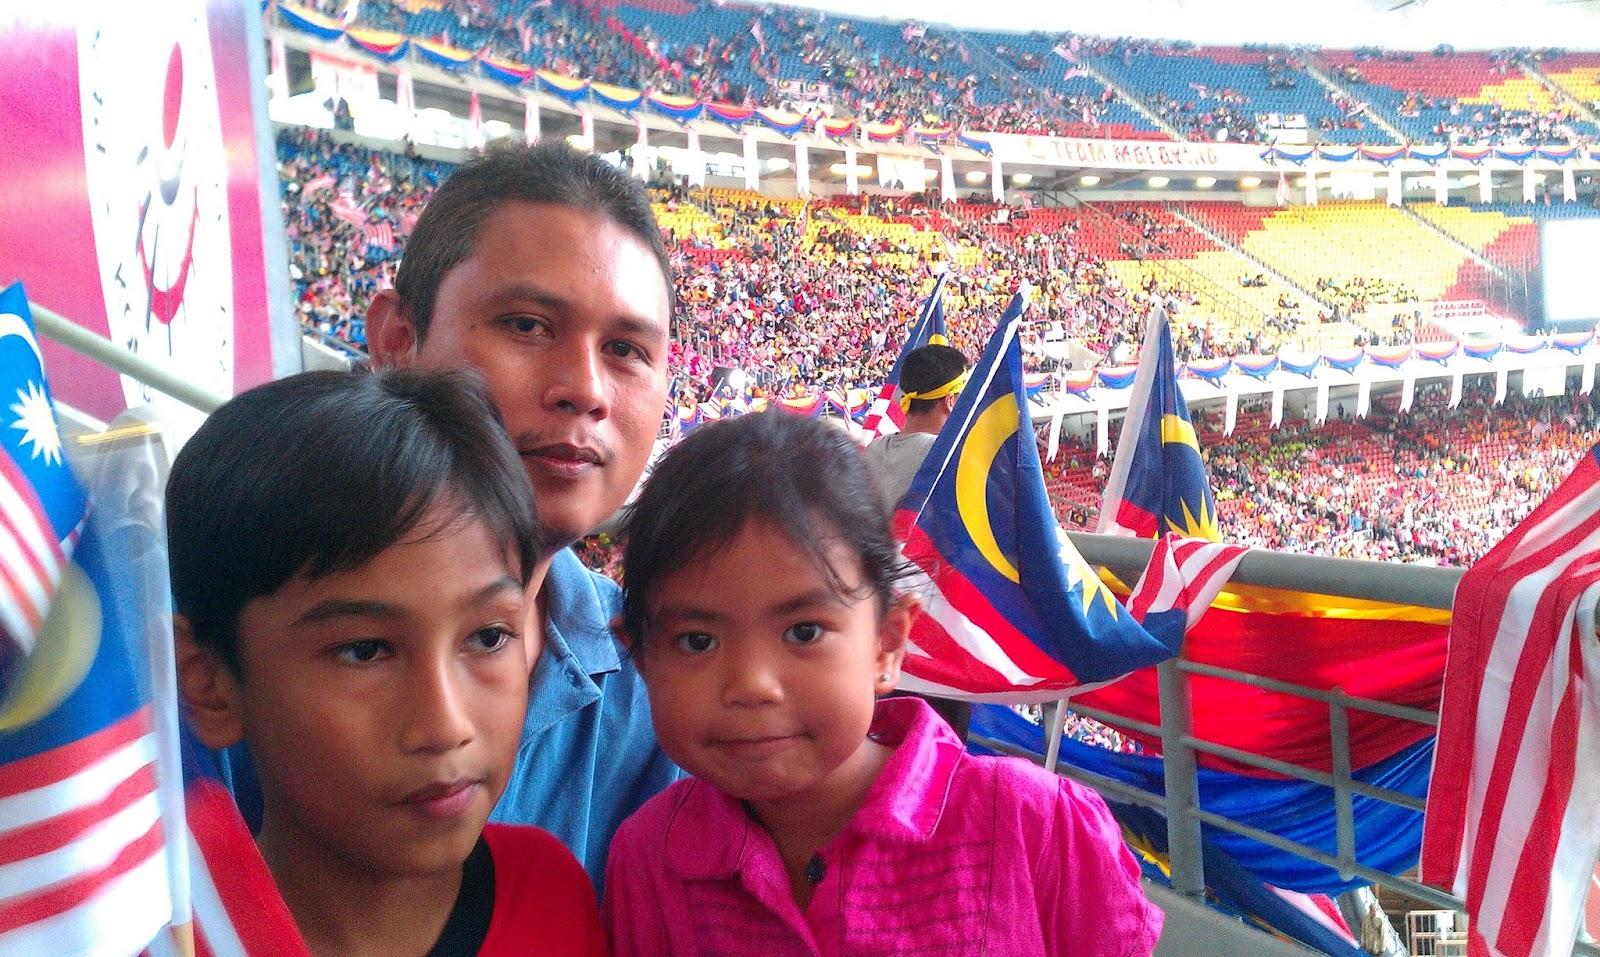 Sambutan Merdeka Di Stadium Bukit Jalil tahun 2012